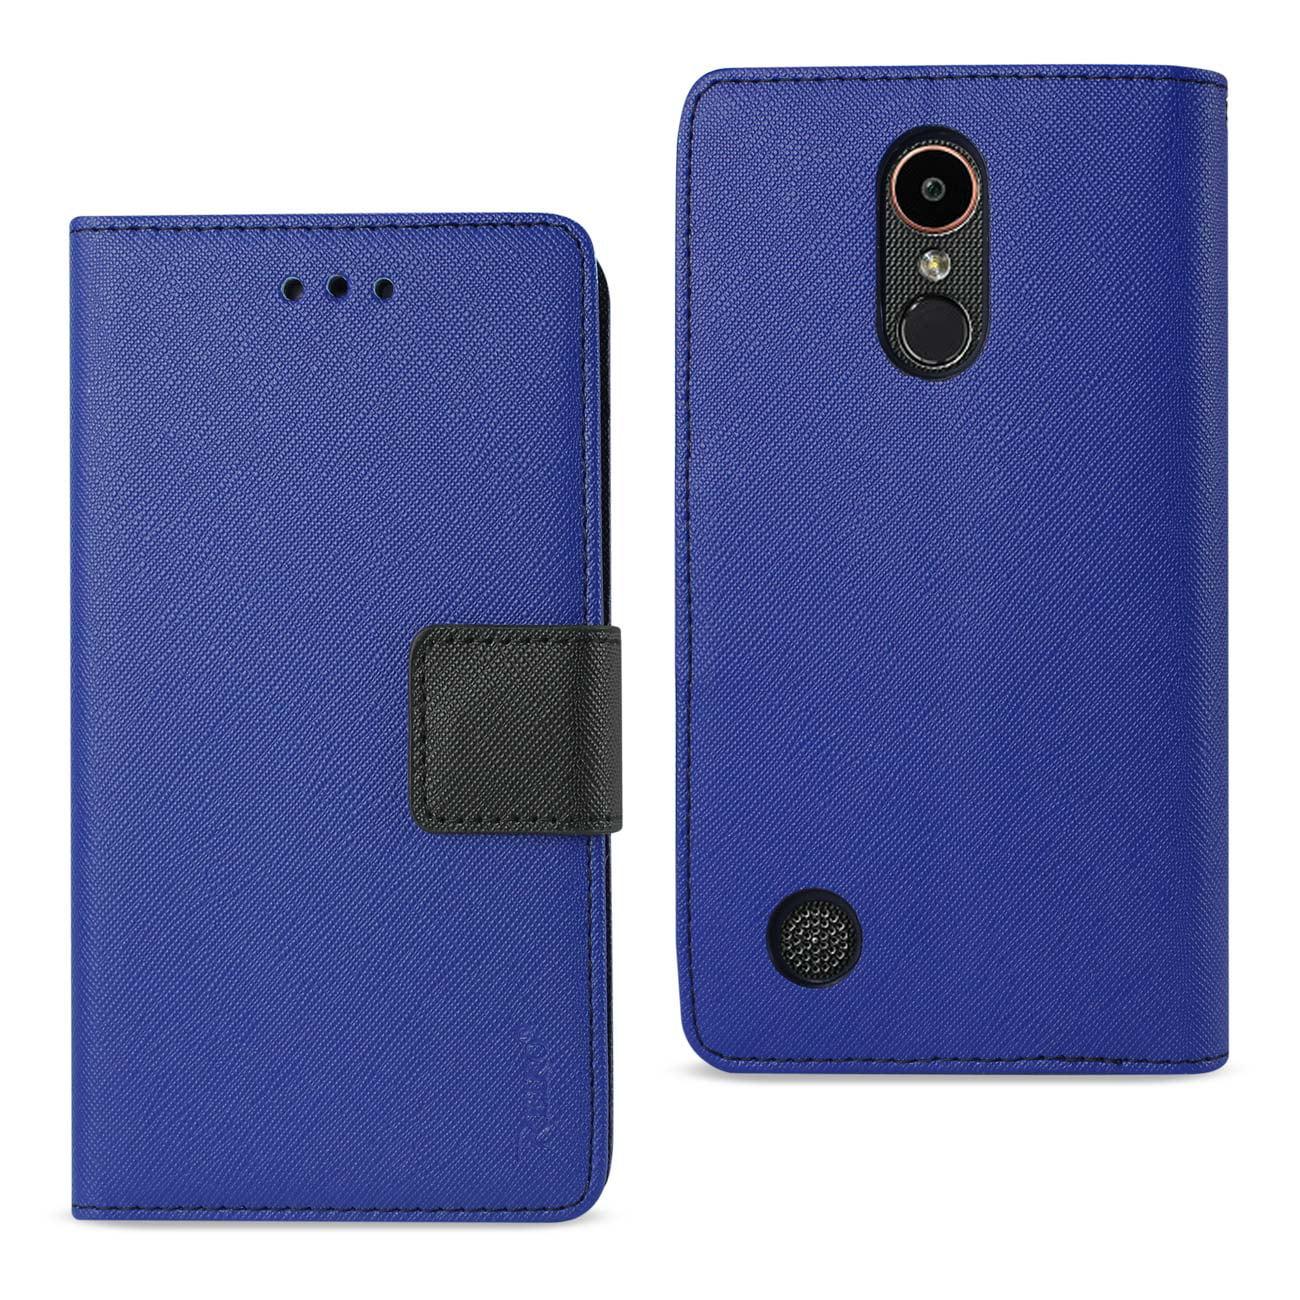 LG K20 V/ K20 PLUS 3-IN-1 WALLET Credit Card Holder Leather Case Cover